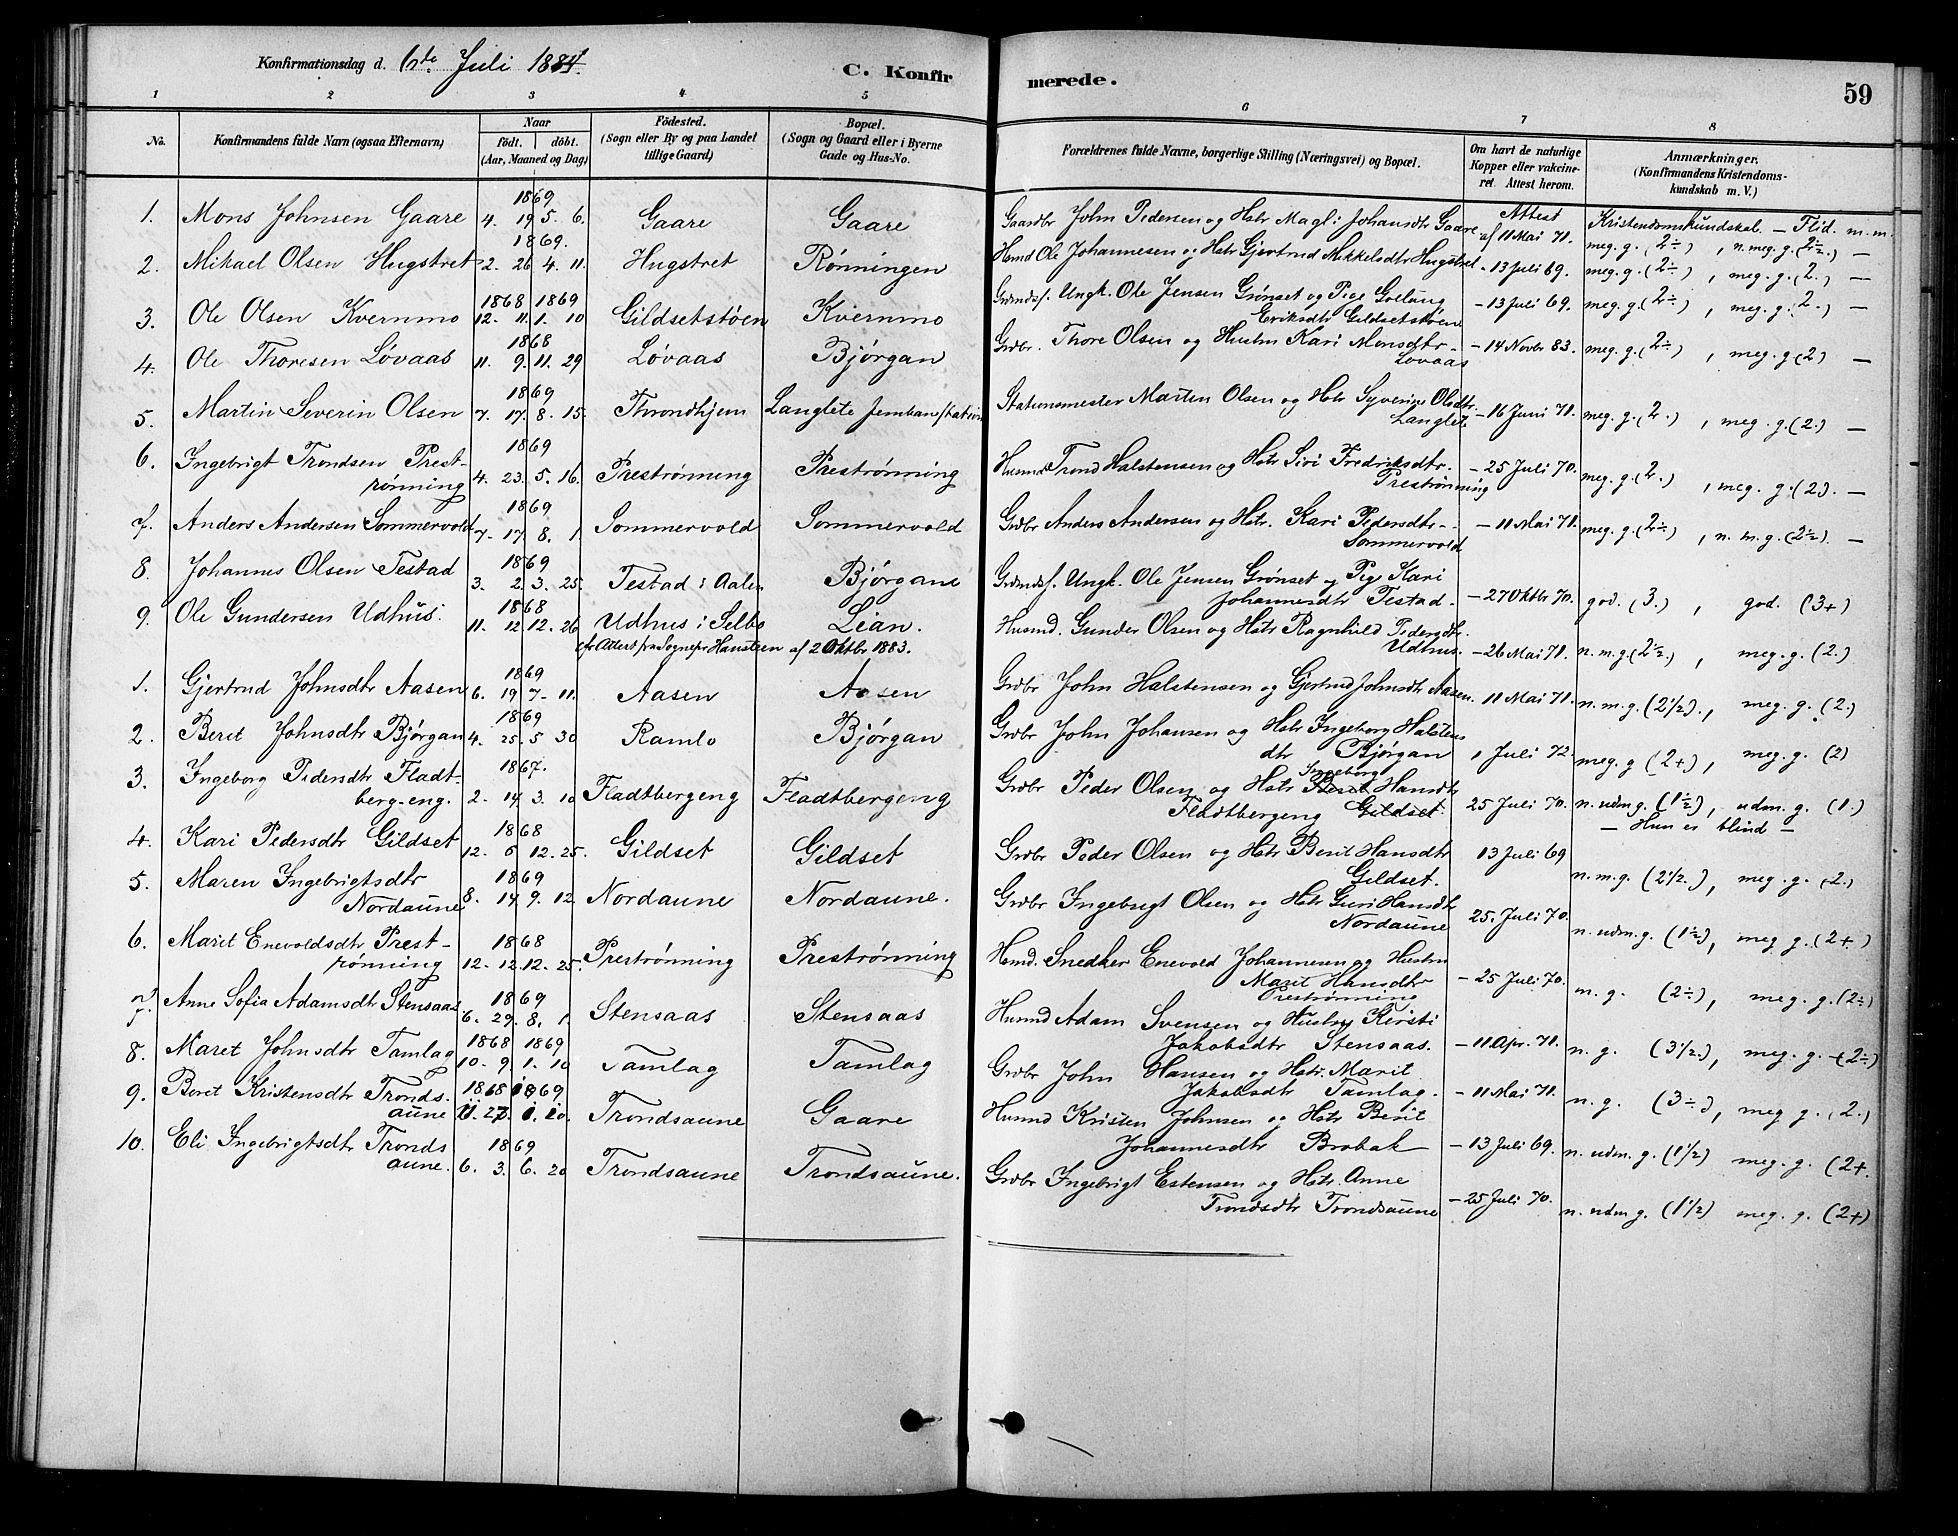 SAT, Ministerialprotokoller, klokkerbøker og fødselsregistre - Sør-Trøndelag, 685/L0972: Ministerialbok nr. 685A09, 1879-1890, s. 59